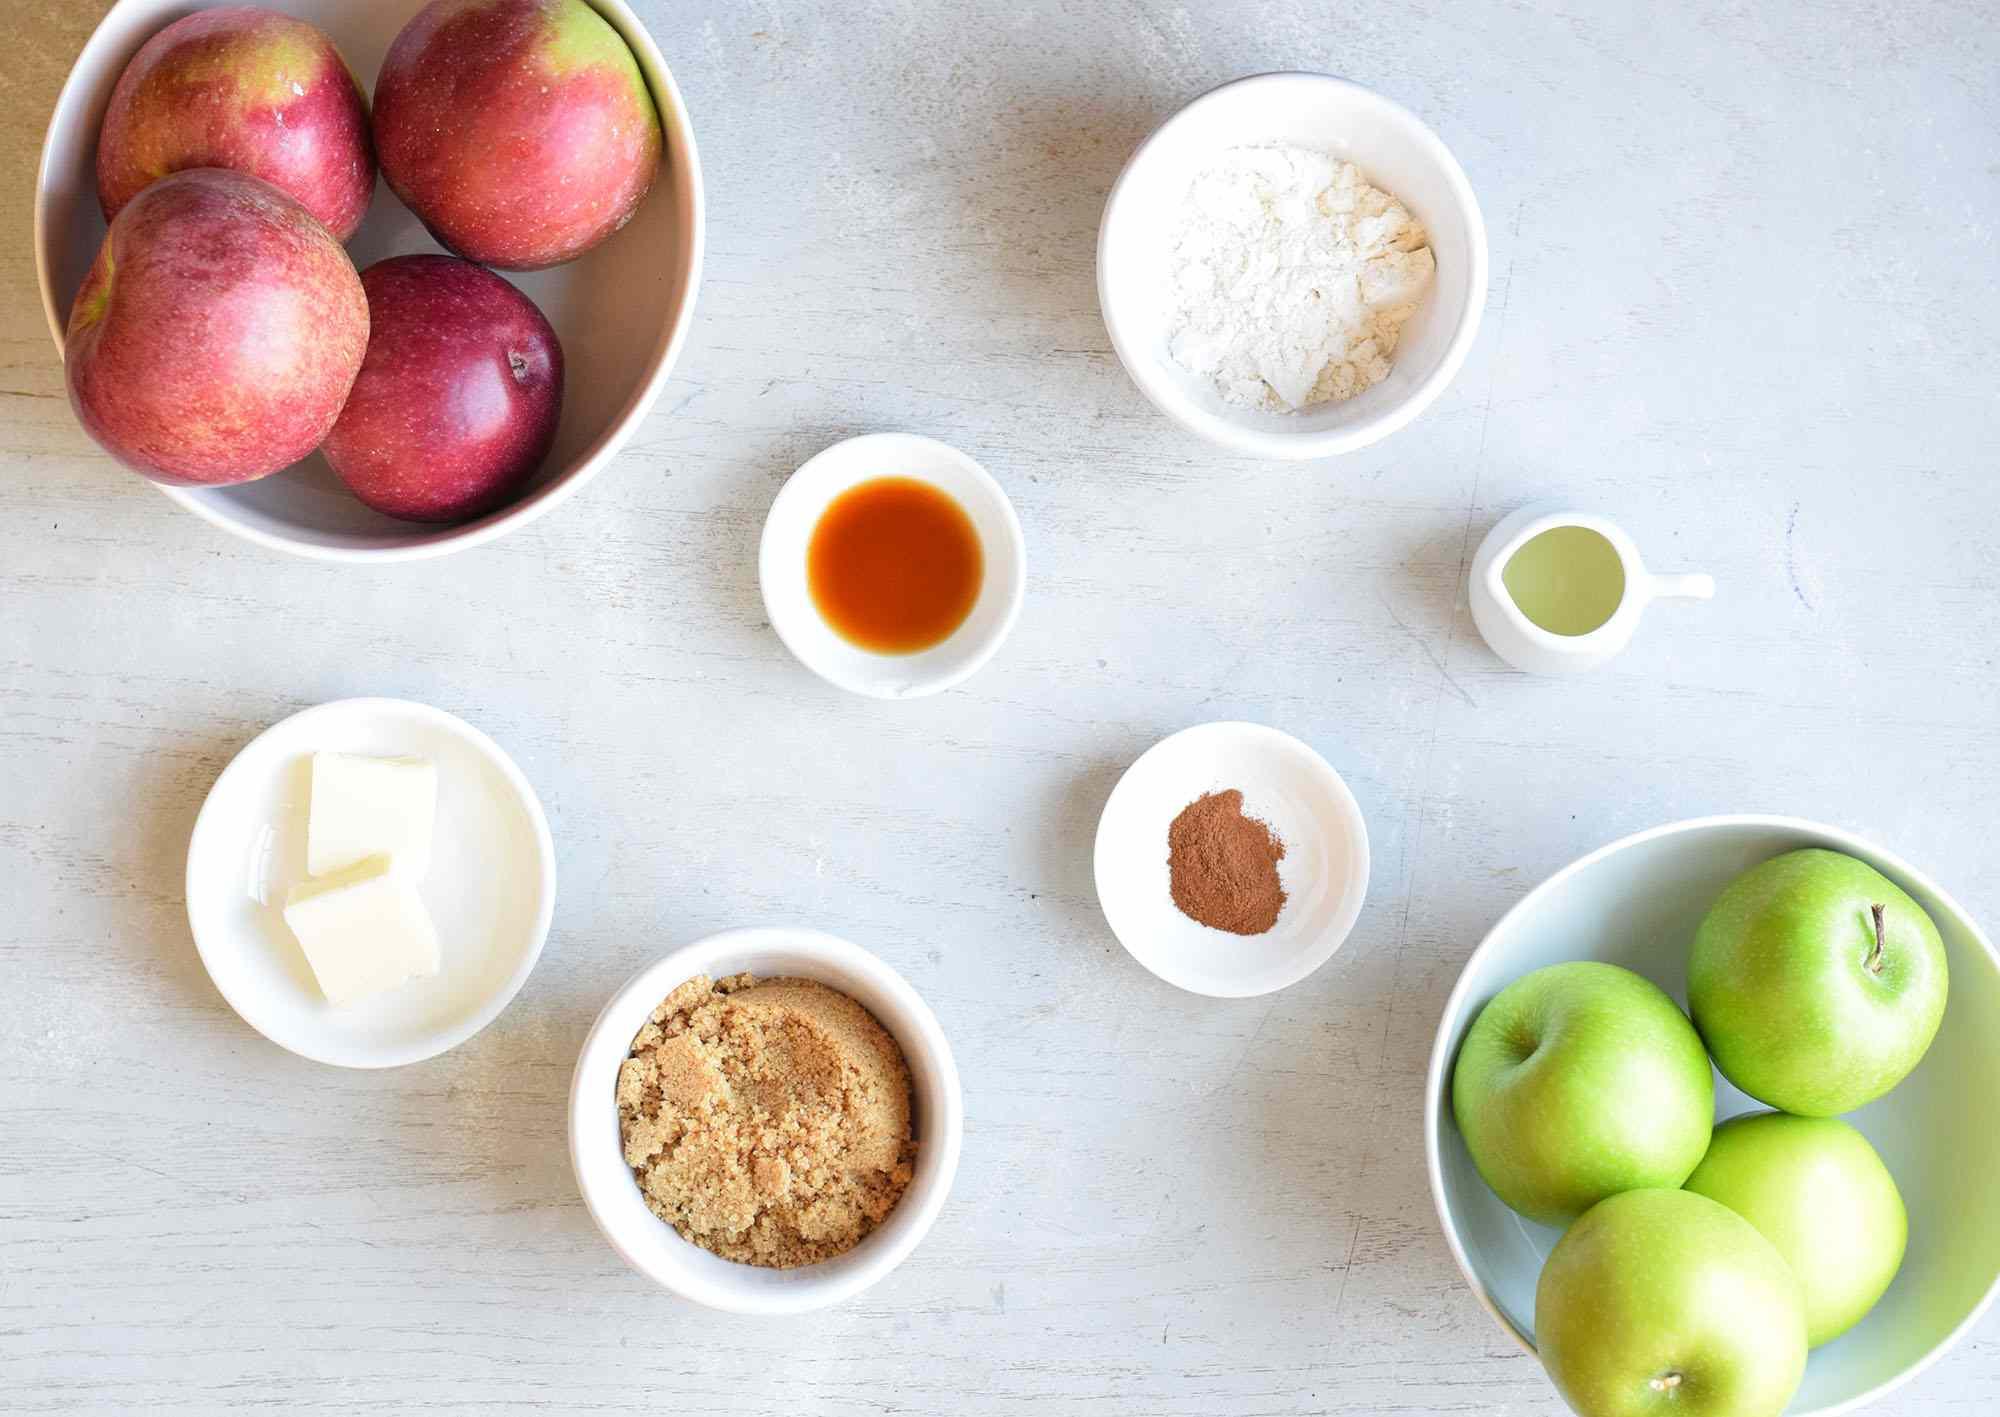 apple streusel ingredients